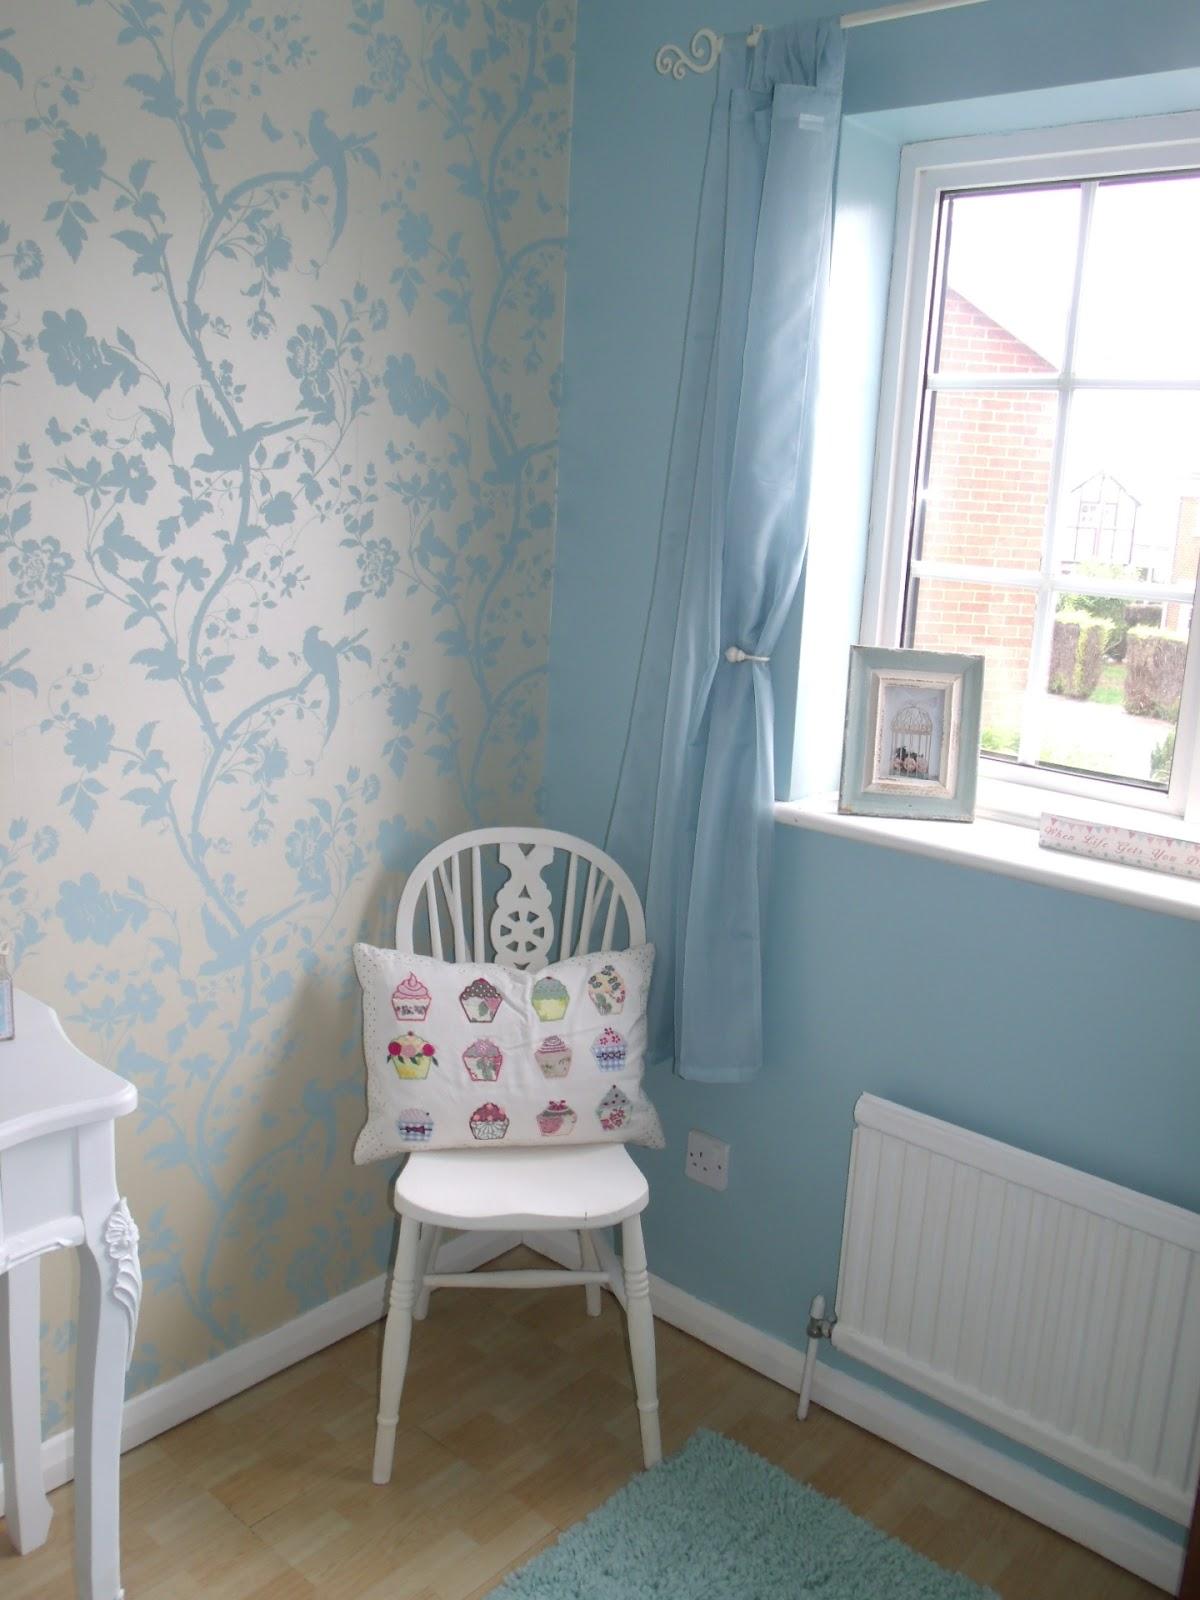 Living Room Wallpaper B&m - Living Room Design